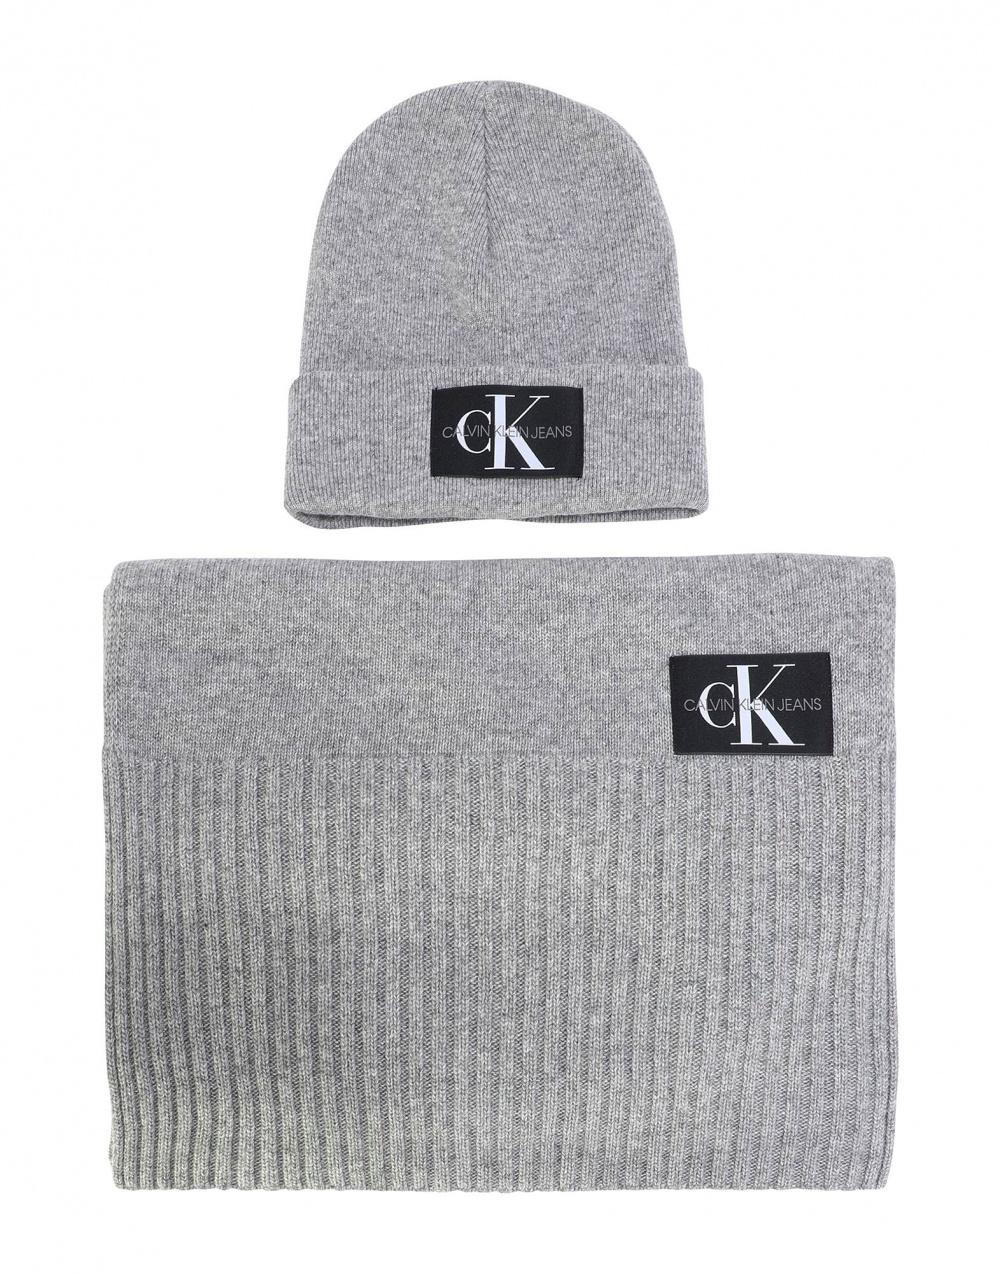 Комплект CALVIN KLEIN JEANS шапка бини + шарф